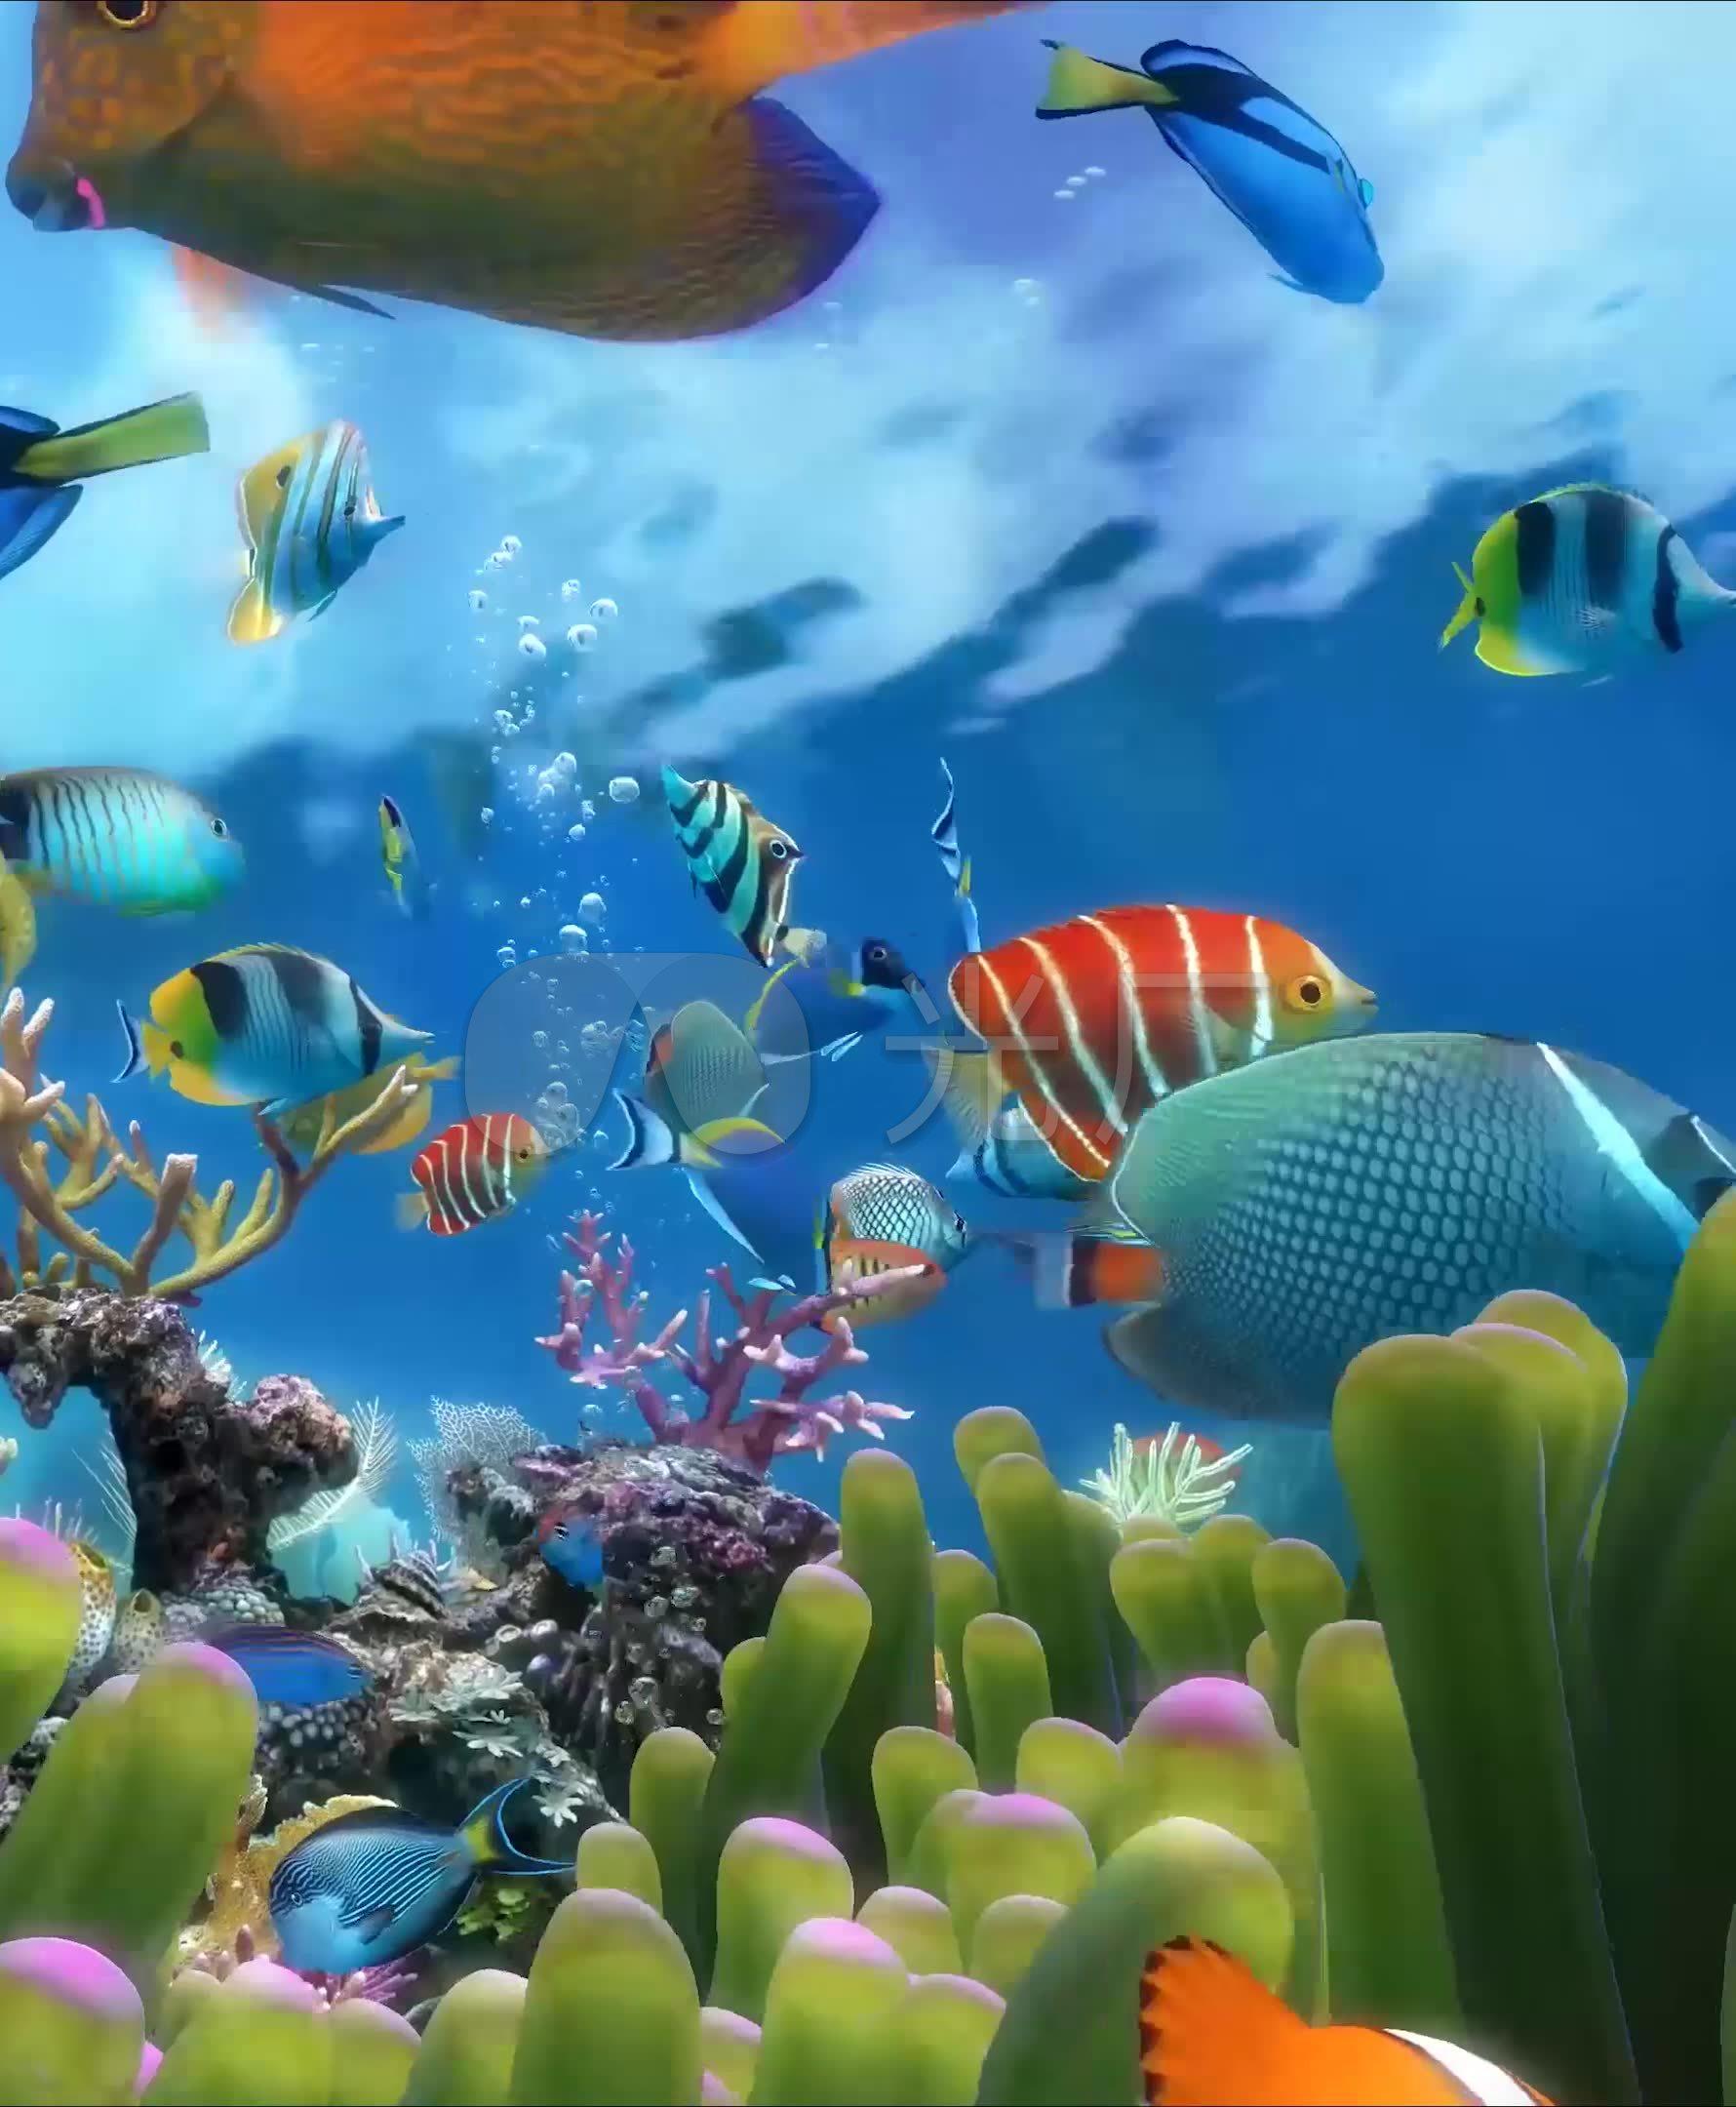 竖屏3d唯美梦幻海底世界水族馆热带鱼_1780x2160_高清